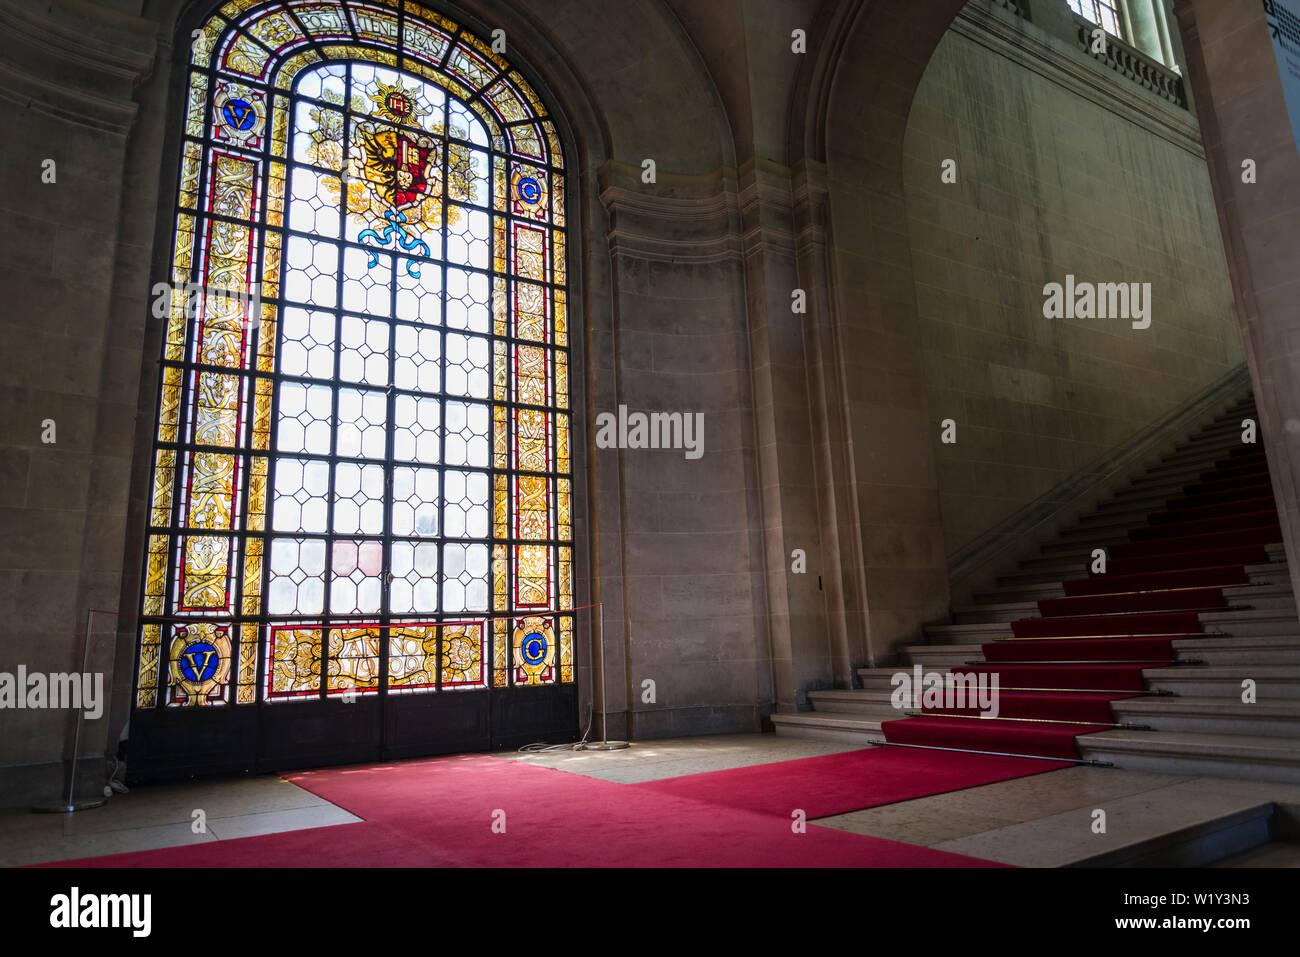 Intérieur avec vitrail, musée d'art et d'histoire, le plus grand musée de la ville, Genève, Suisse Banque D'Images